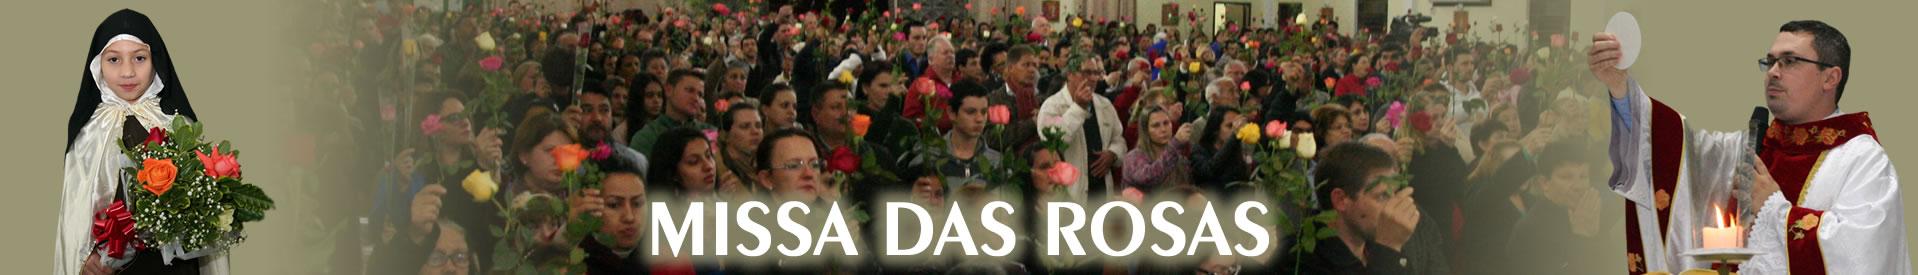 Missa das Rosas